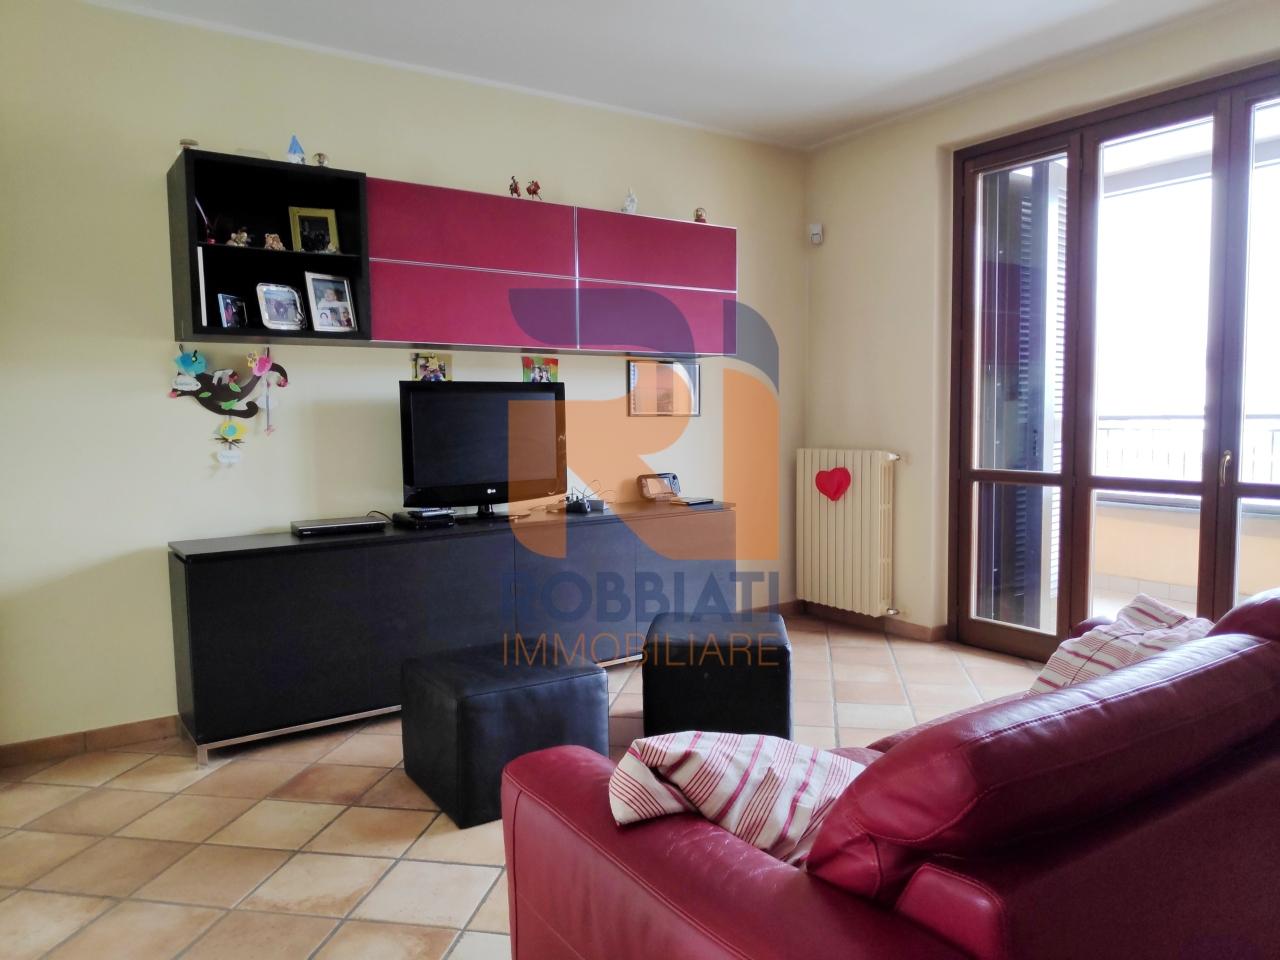 Appartamento in vendita a Cava Manara, 3 locali, prezzo € 186.000 | PortaleAgenzieImmobiliari.it